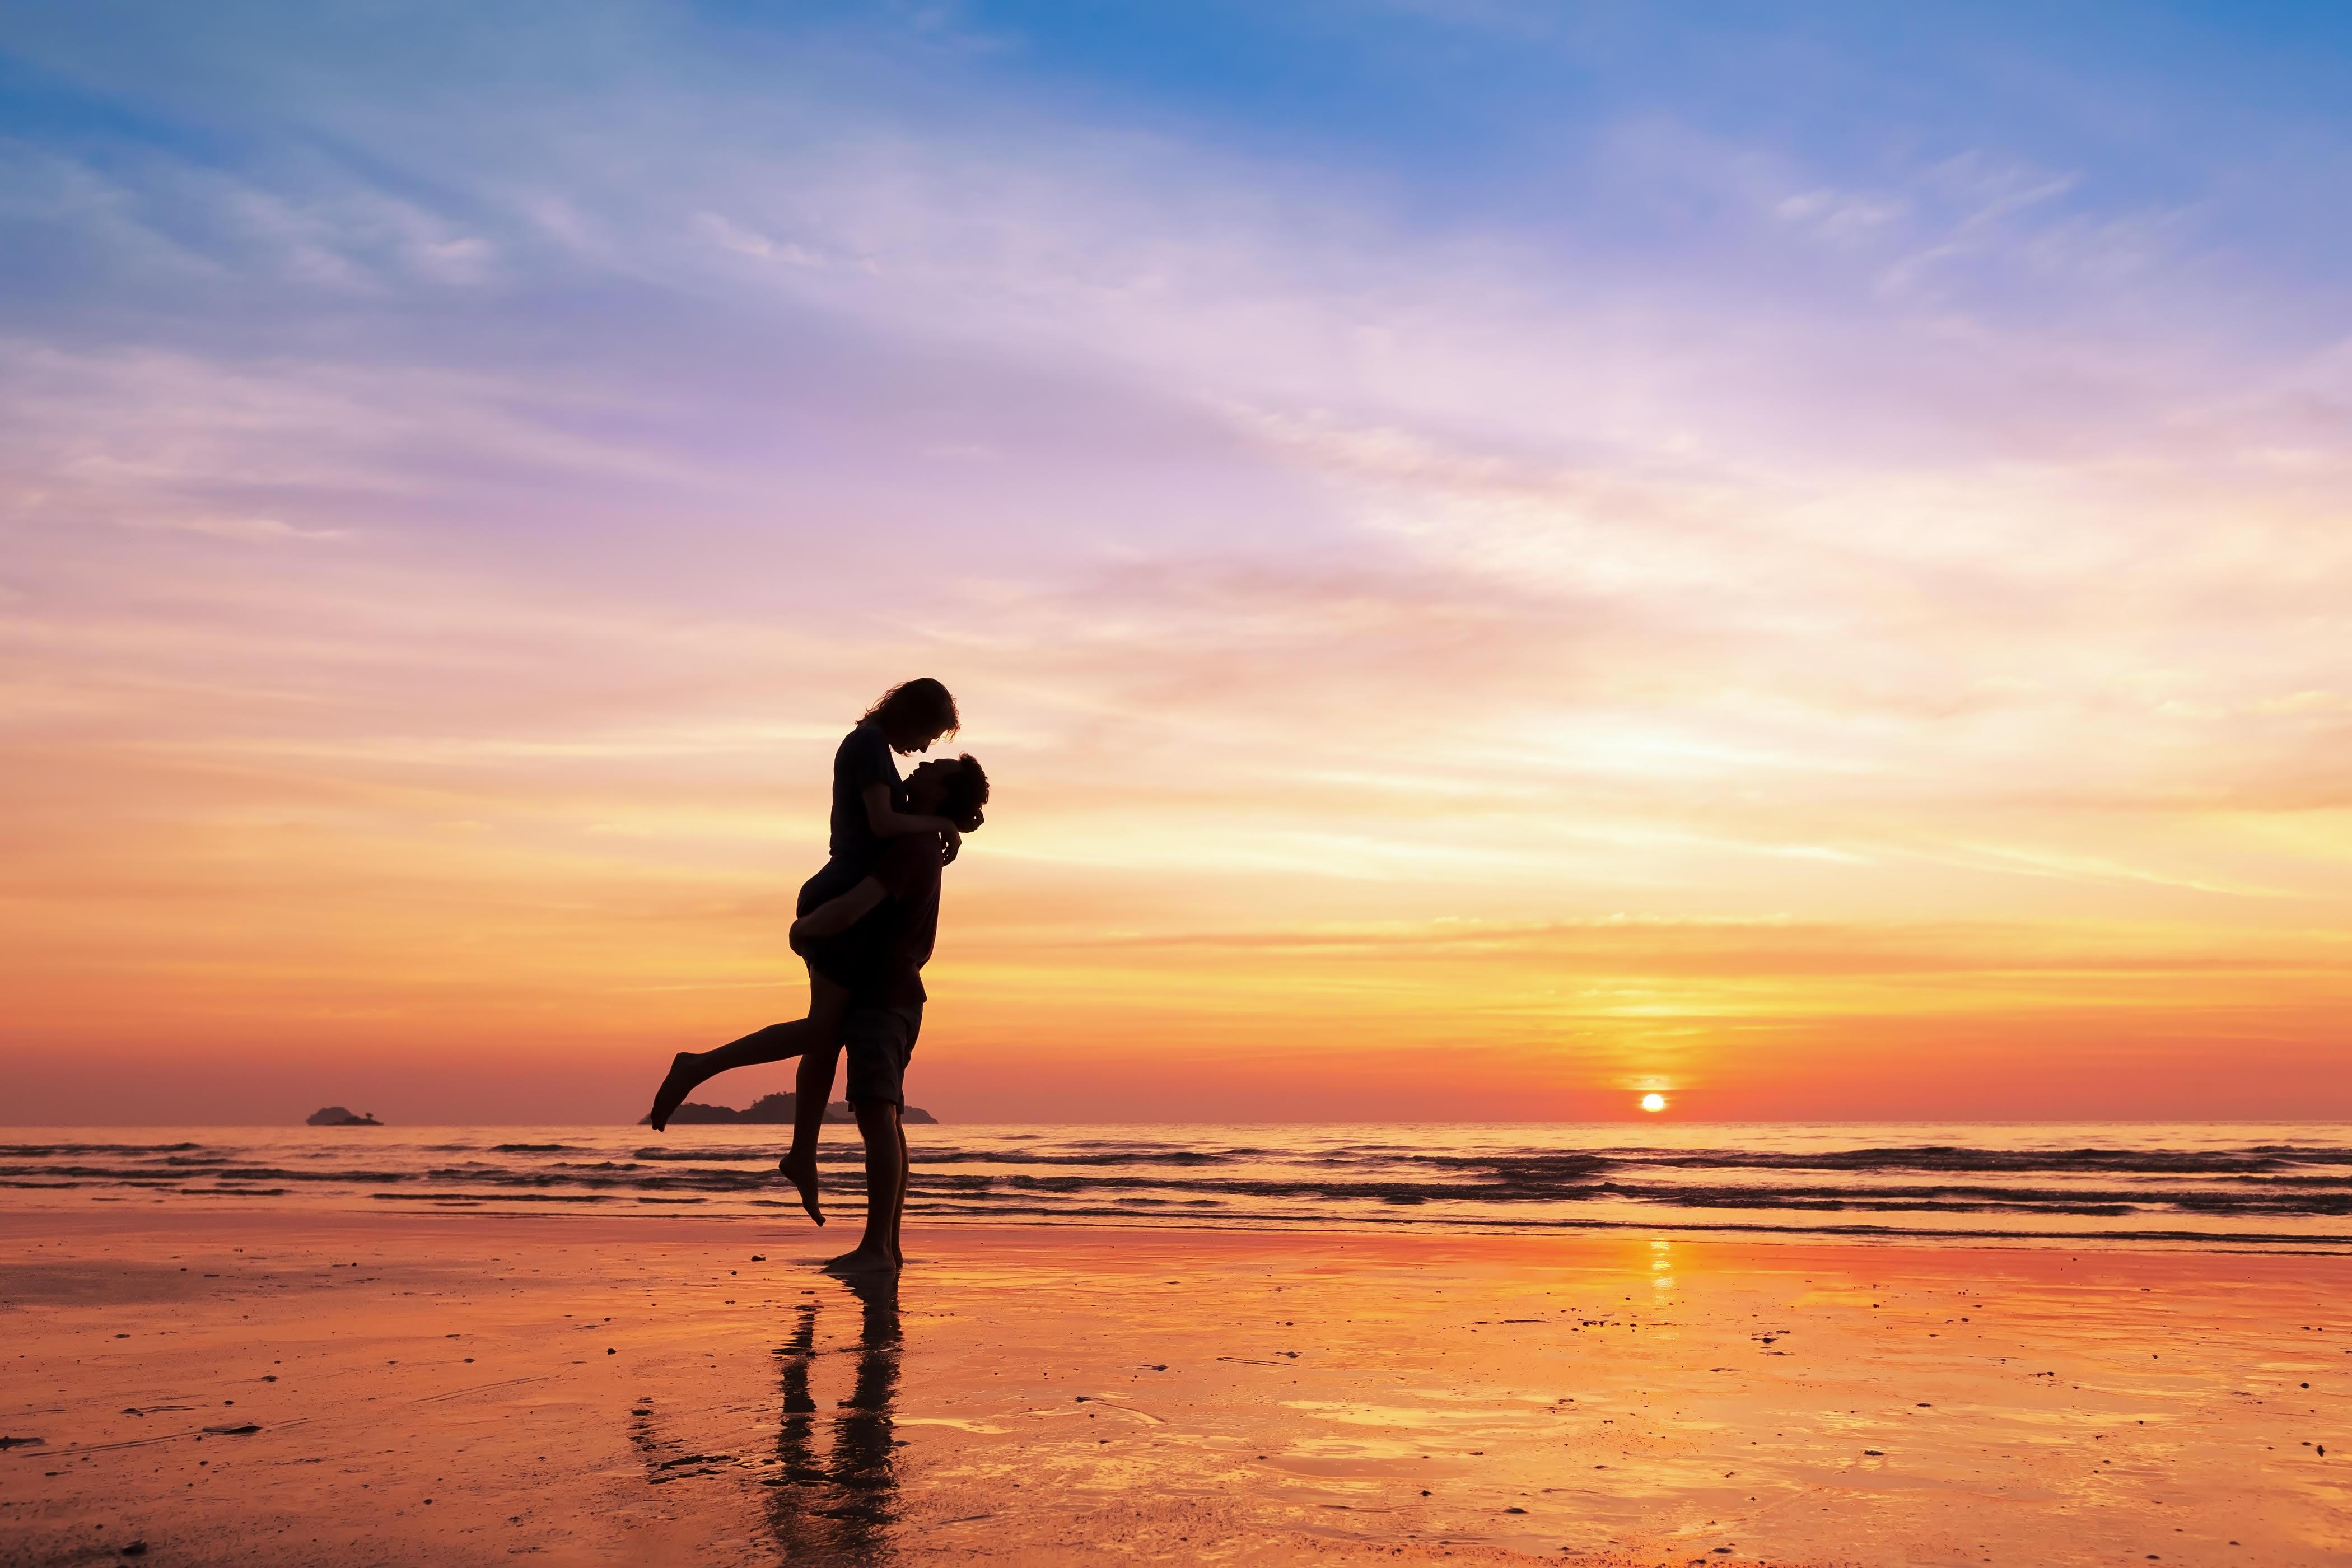 Romantyczny wyjazd we dwoje - 3 propozycje na wrzesień